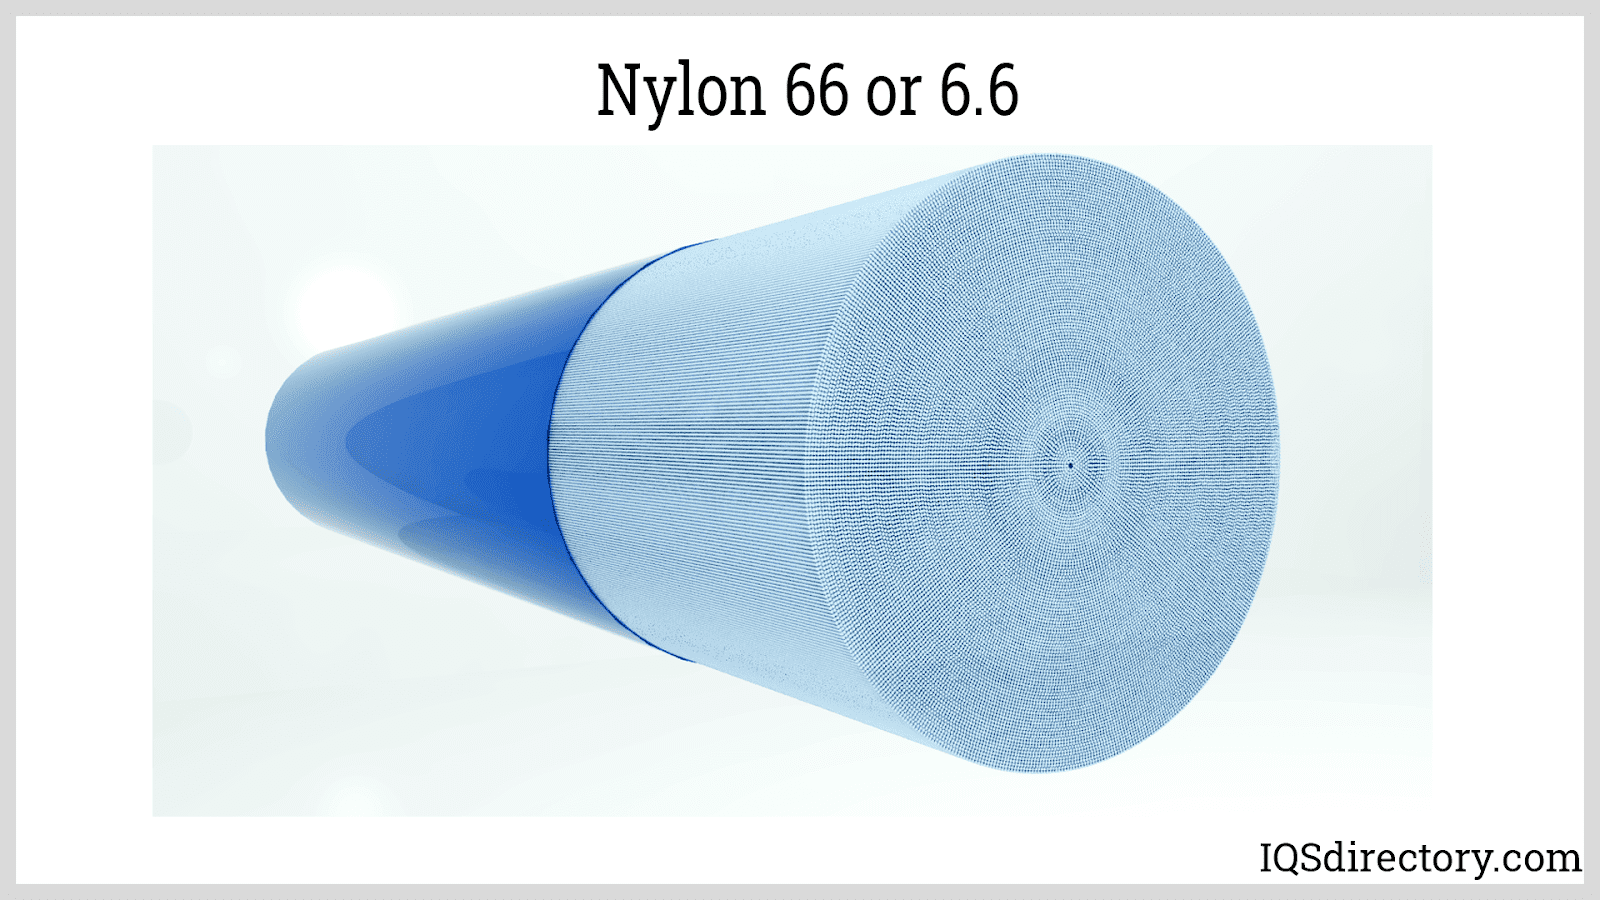 Nylon 66 or 6.6